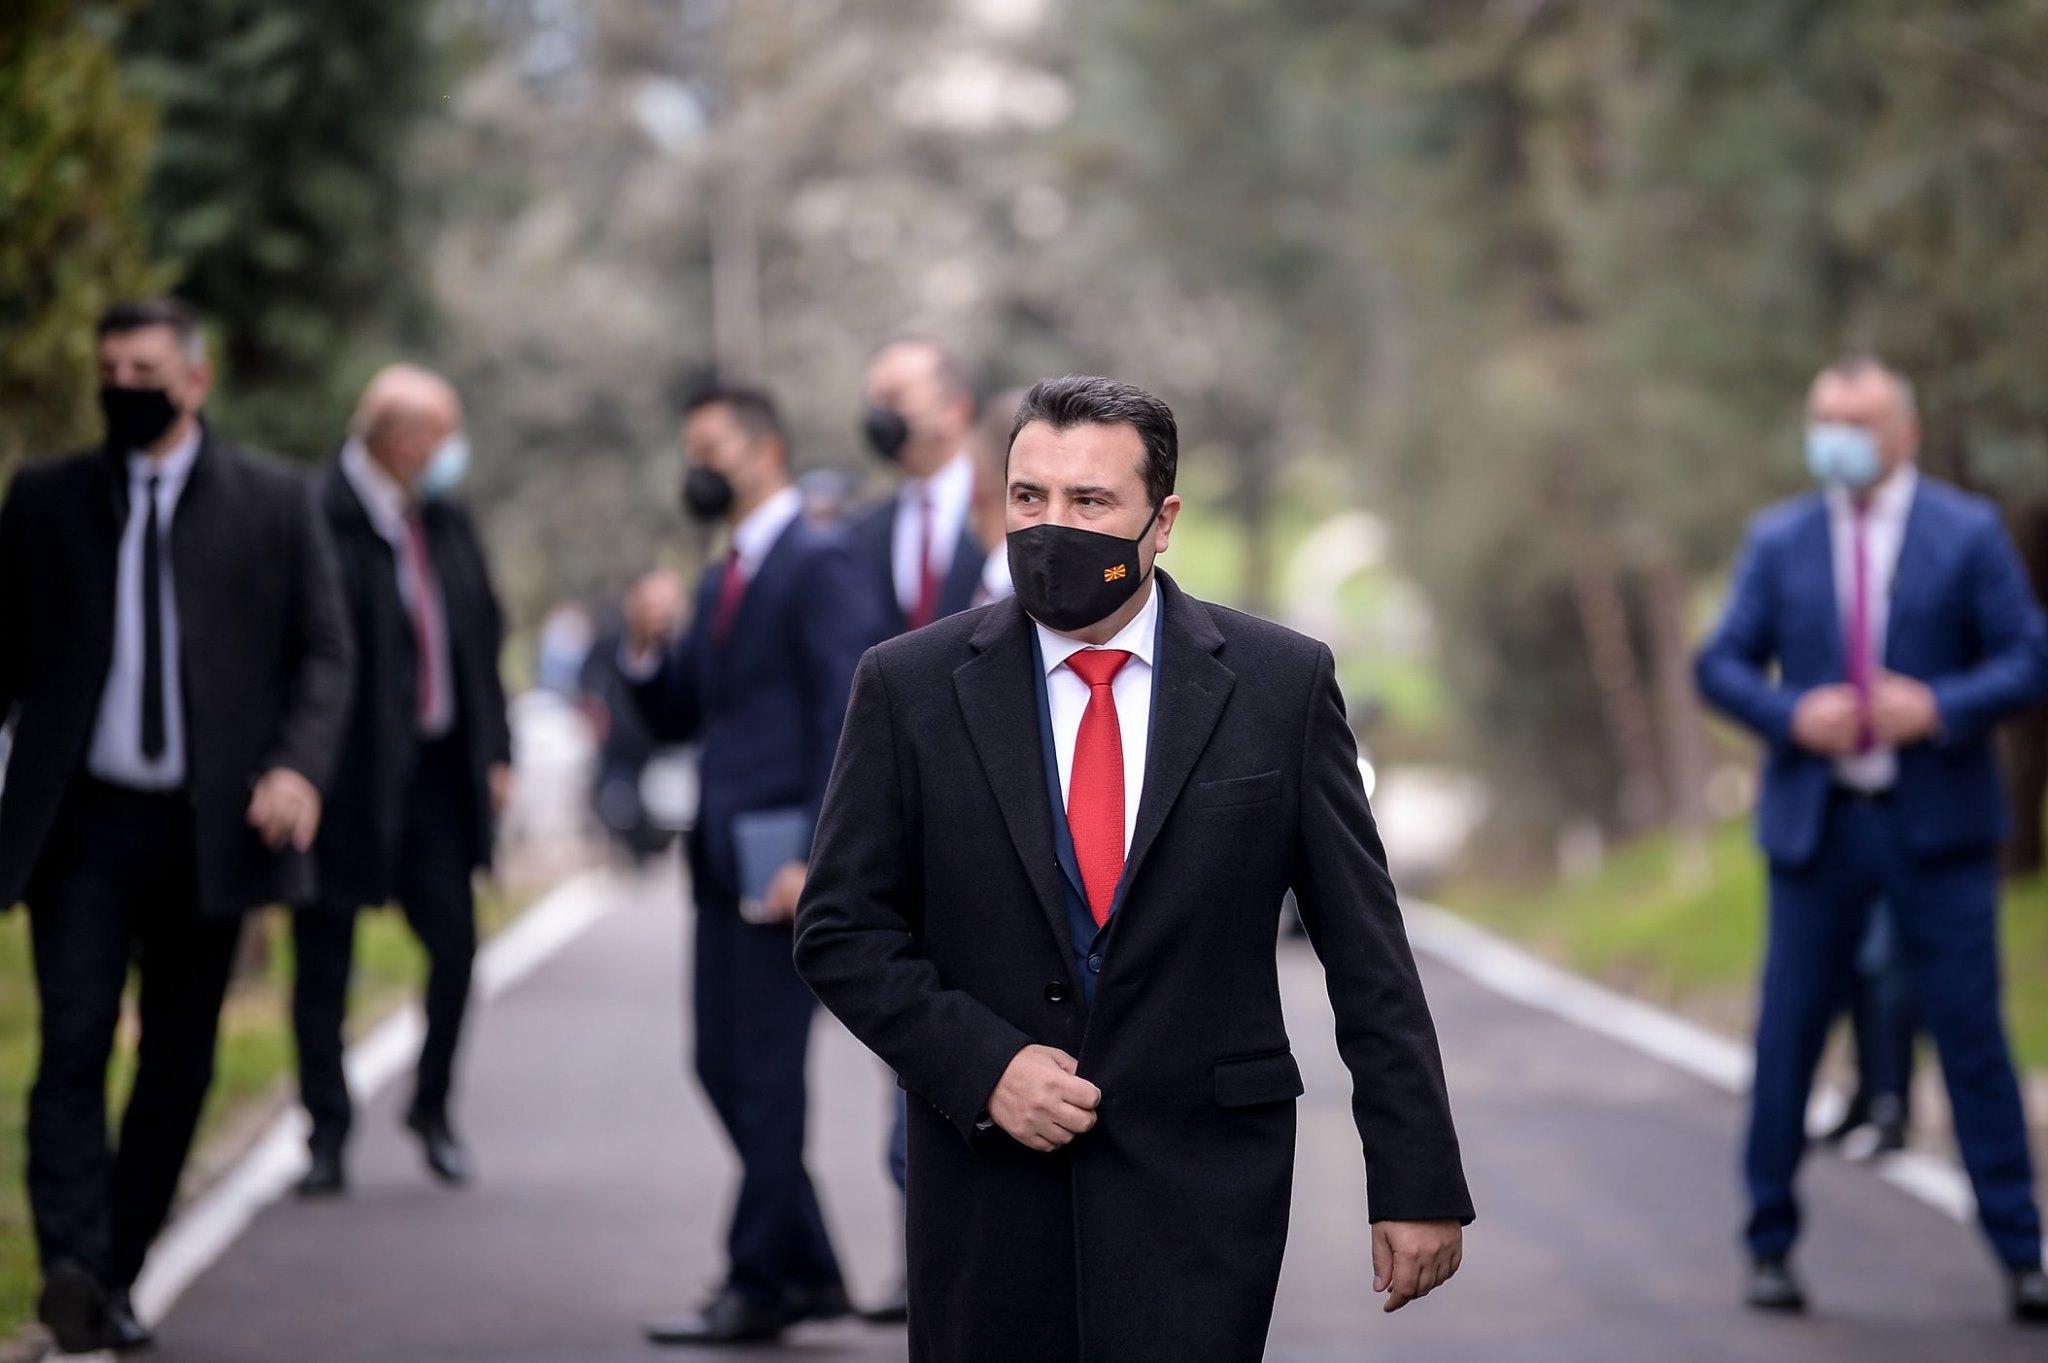 Parandalohet një antentat ndaj Zoran Zaevit